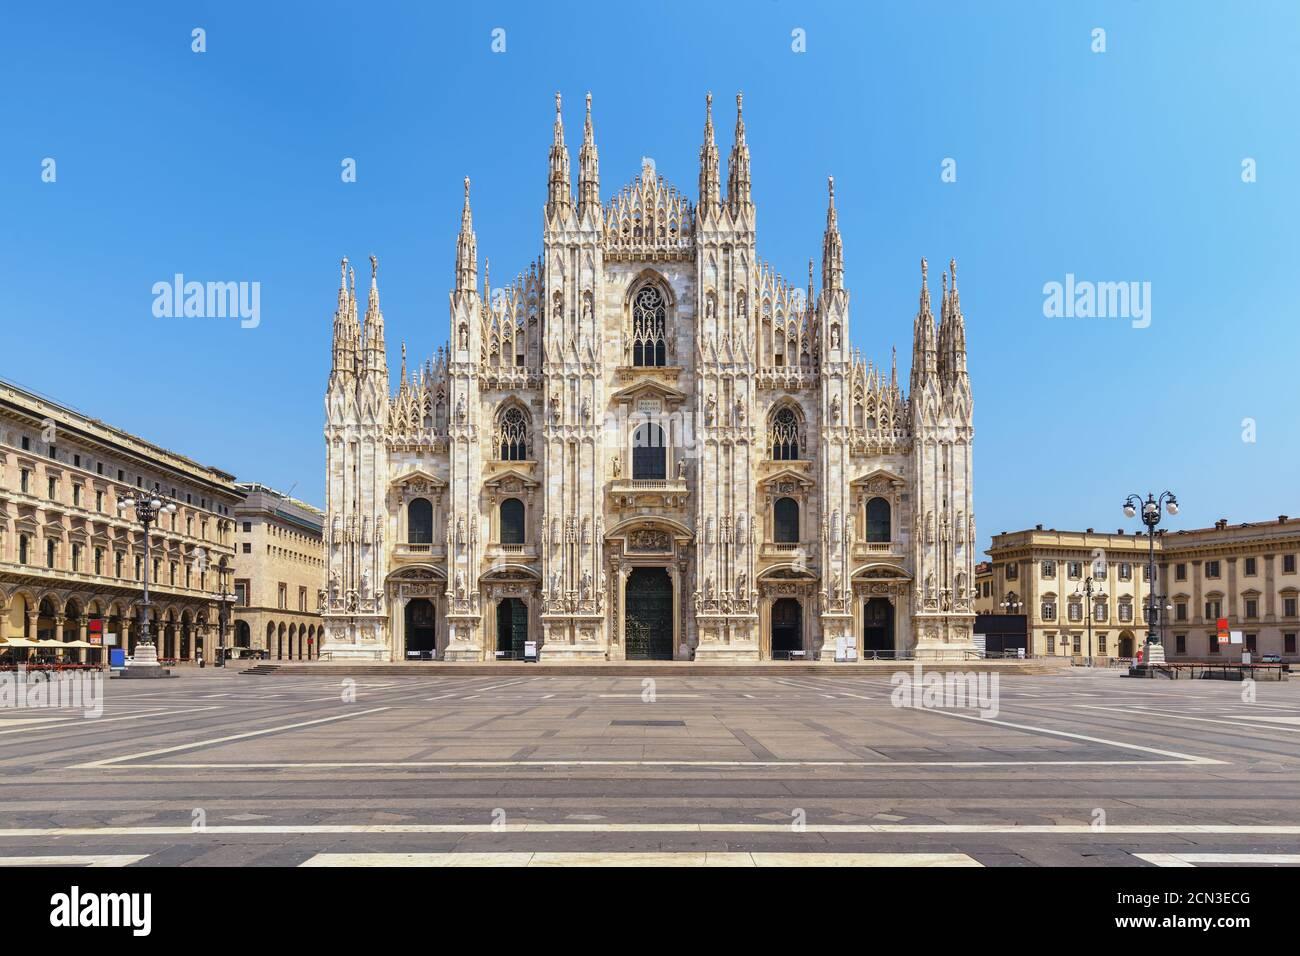 Milan Italie, les gratte-ciel de la cathédrale de Milan Duomo ne vide personne Banque D'Images